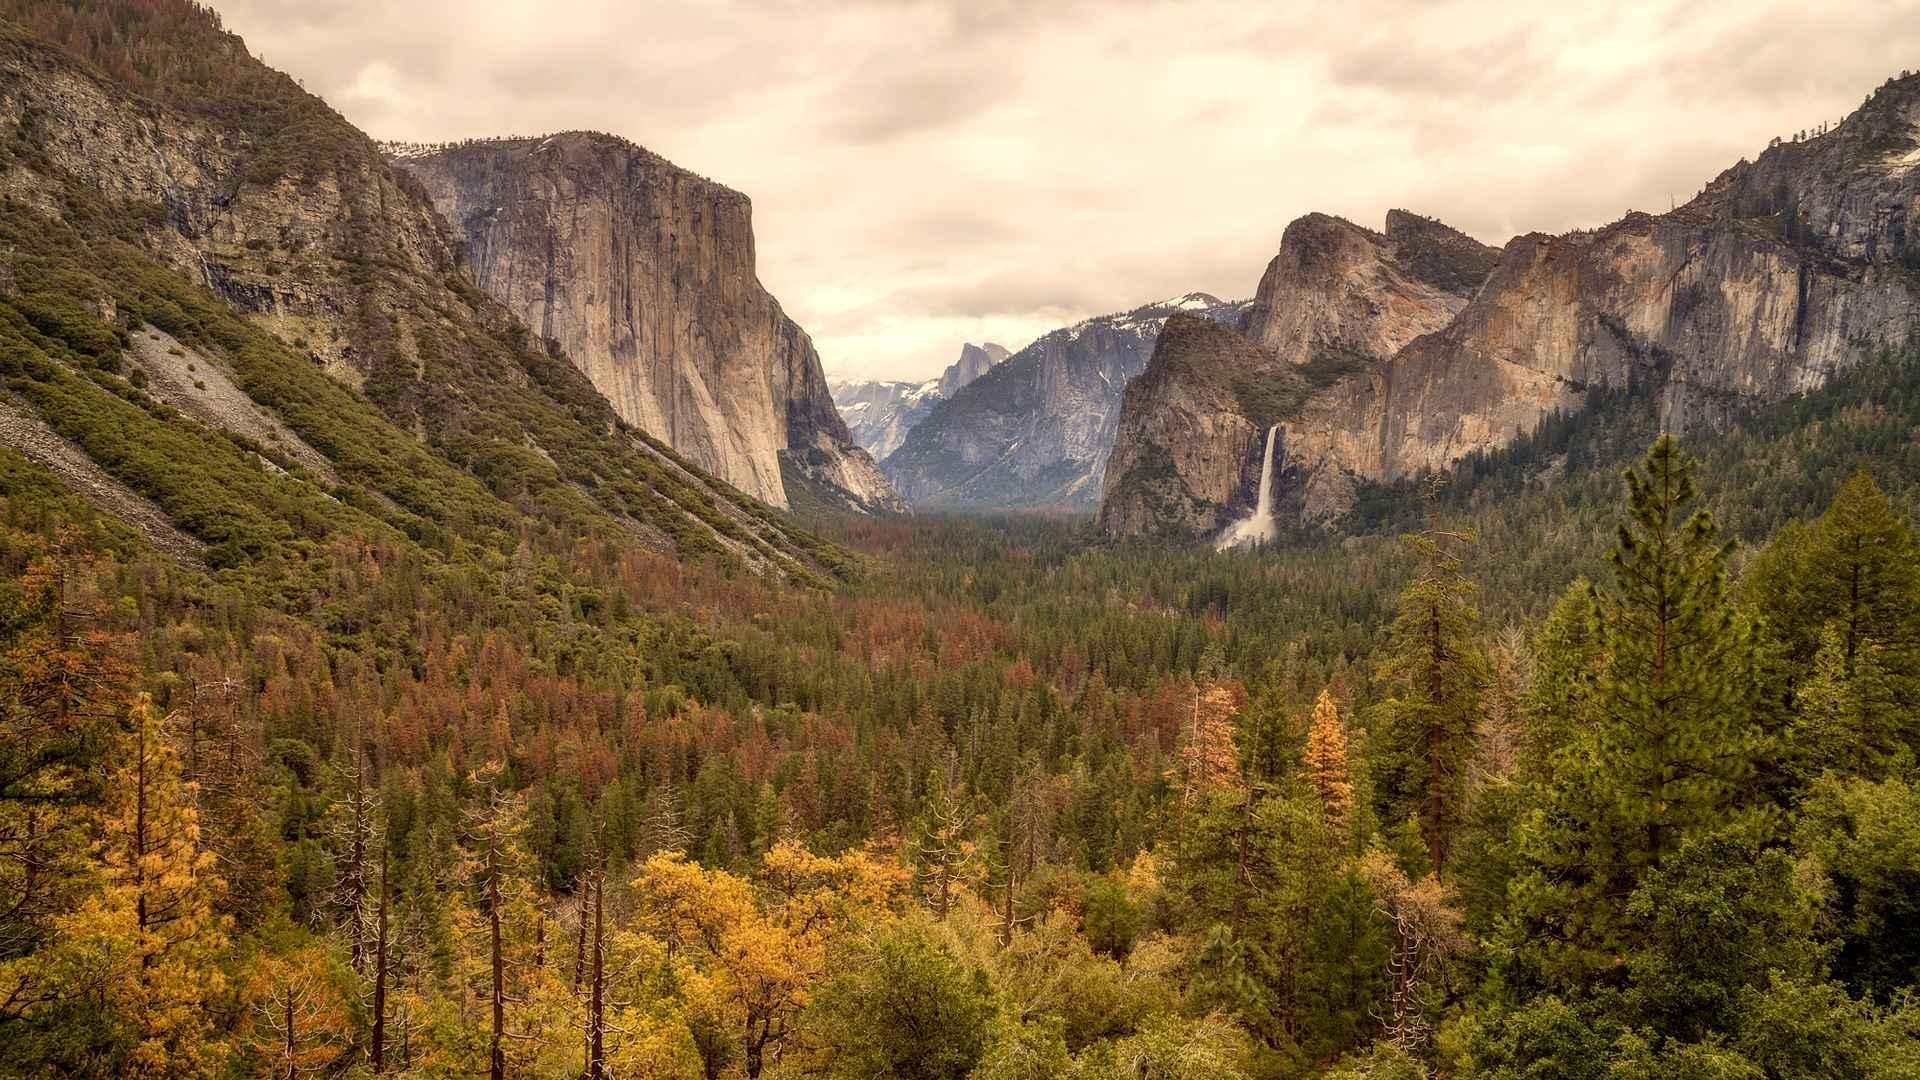 Yosemite 2301047 1920 resized